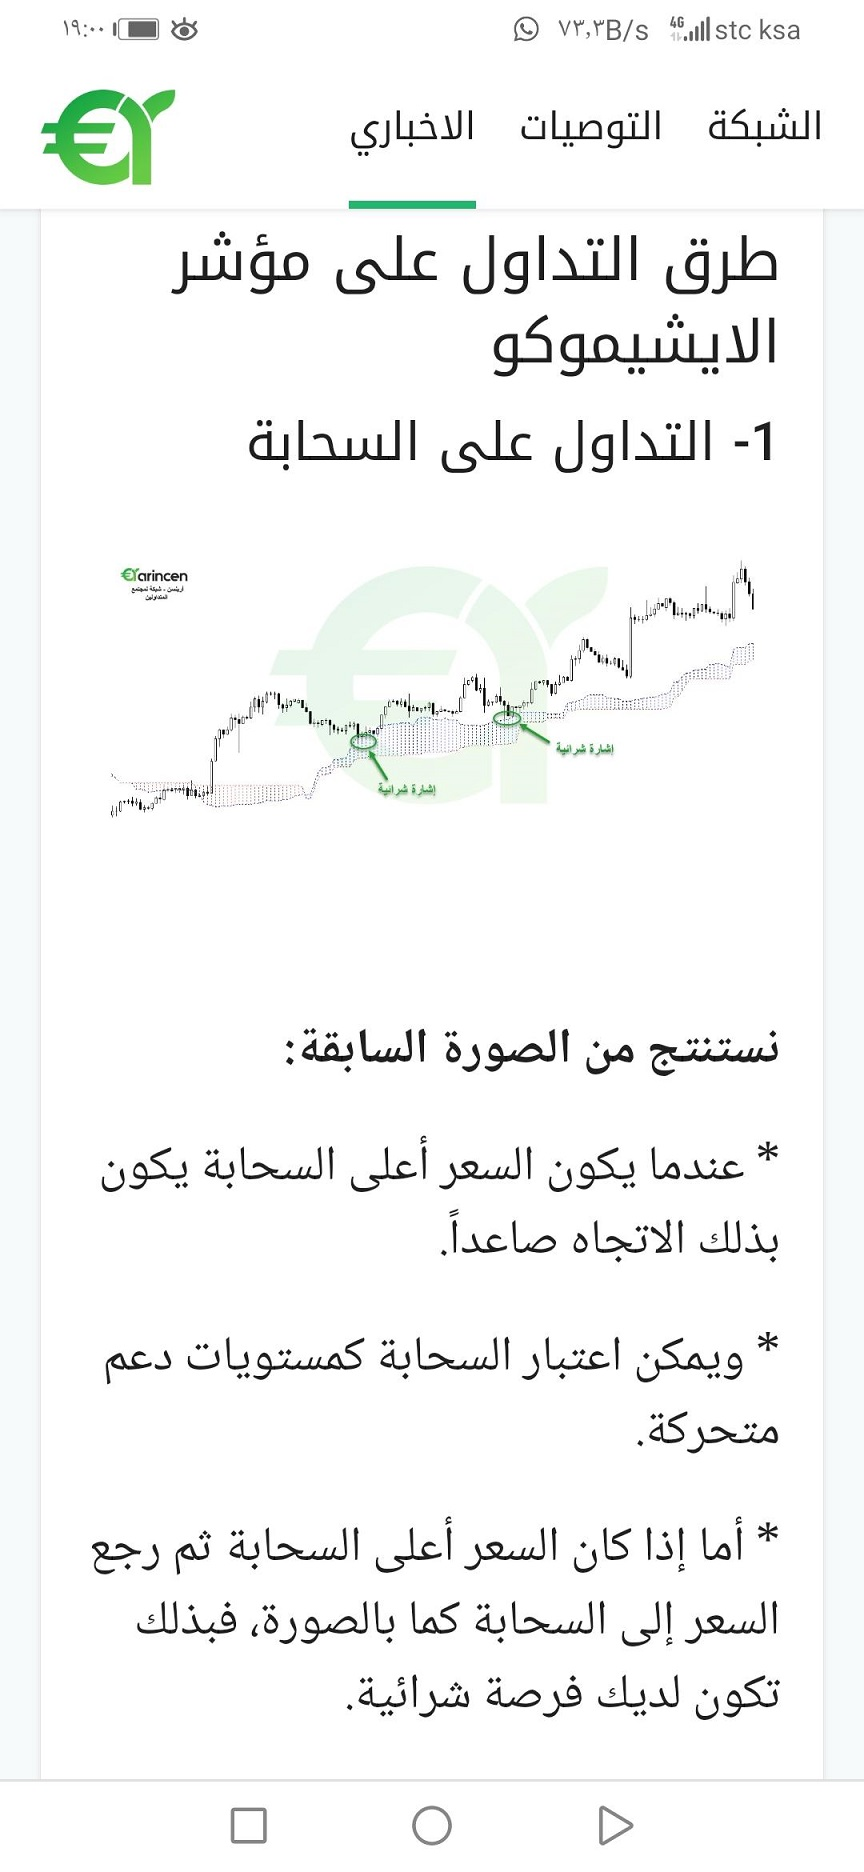 رد: الجزيرة ريت  لحظيا القيمة السوقية لاتتوافق مع مخطط السيولة النقدية !